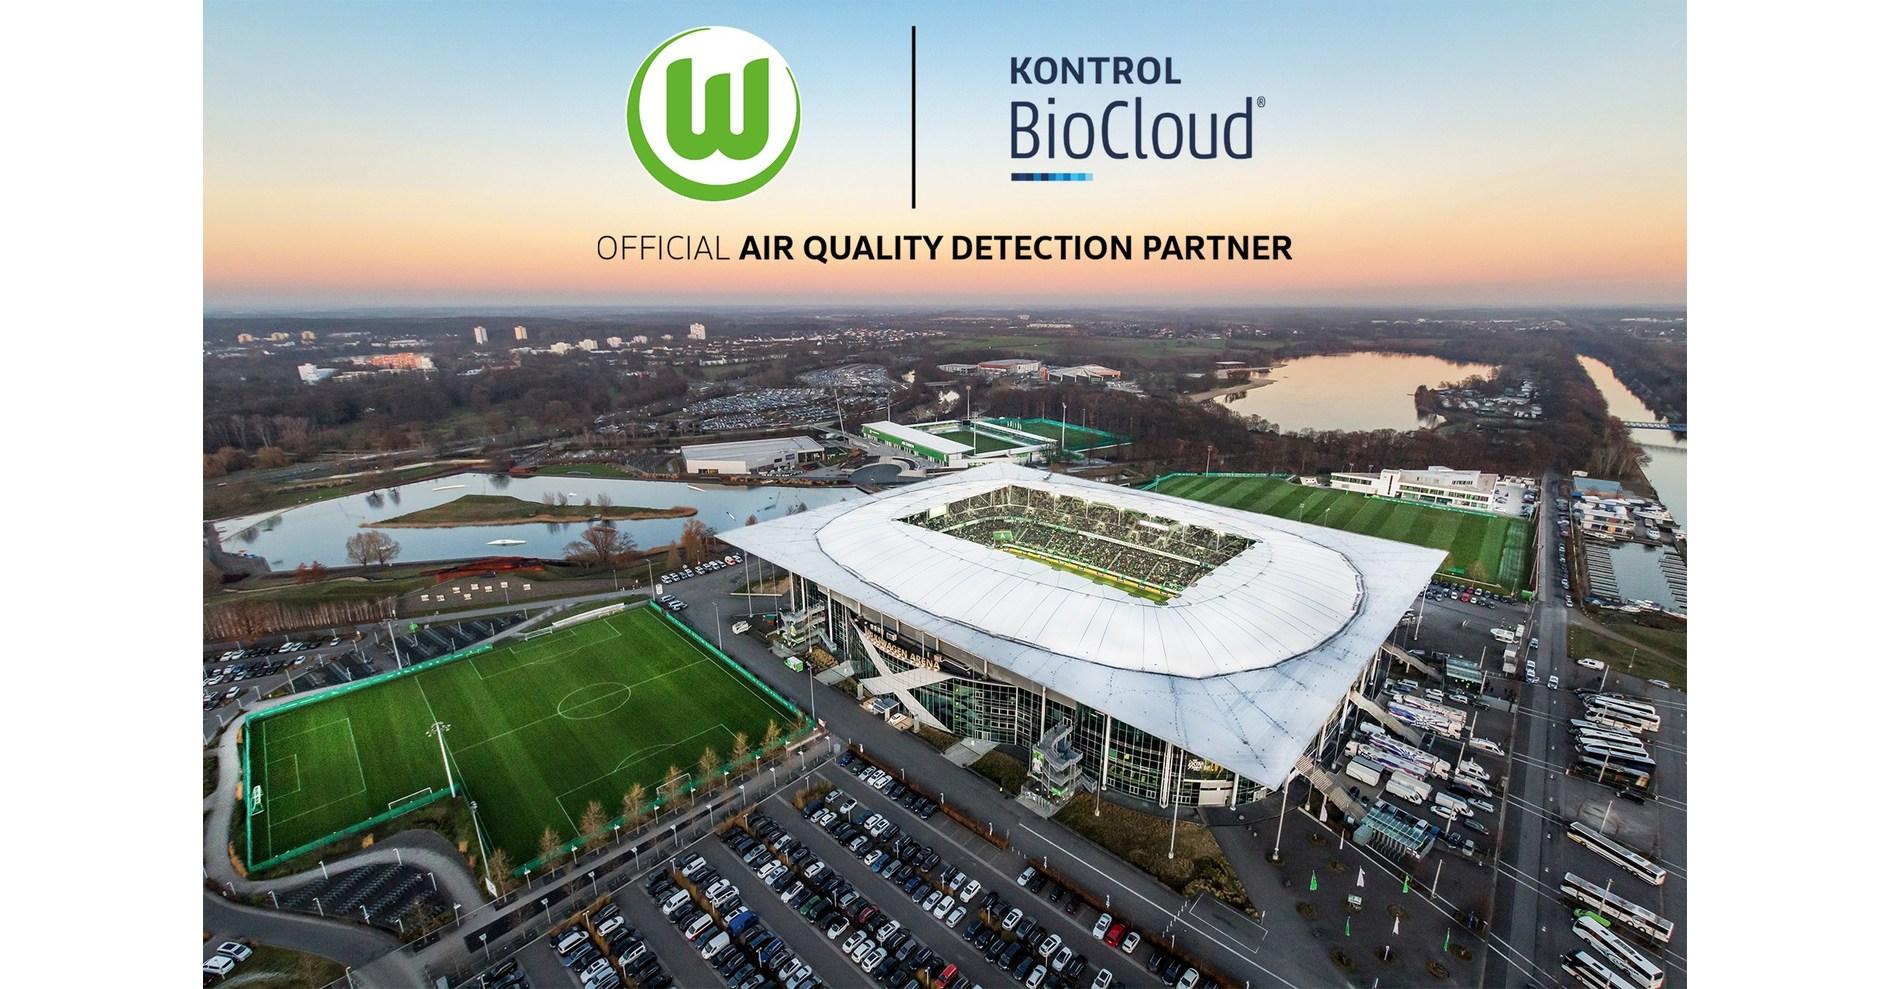 Aerial of soccer stadium